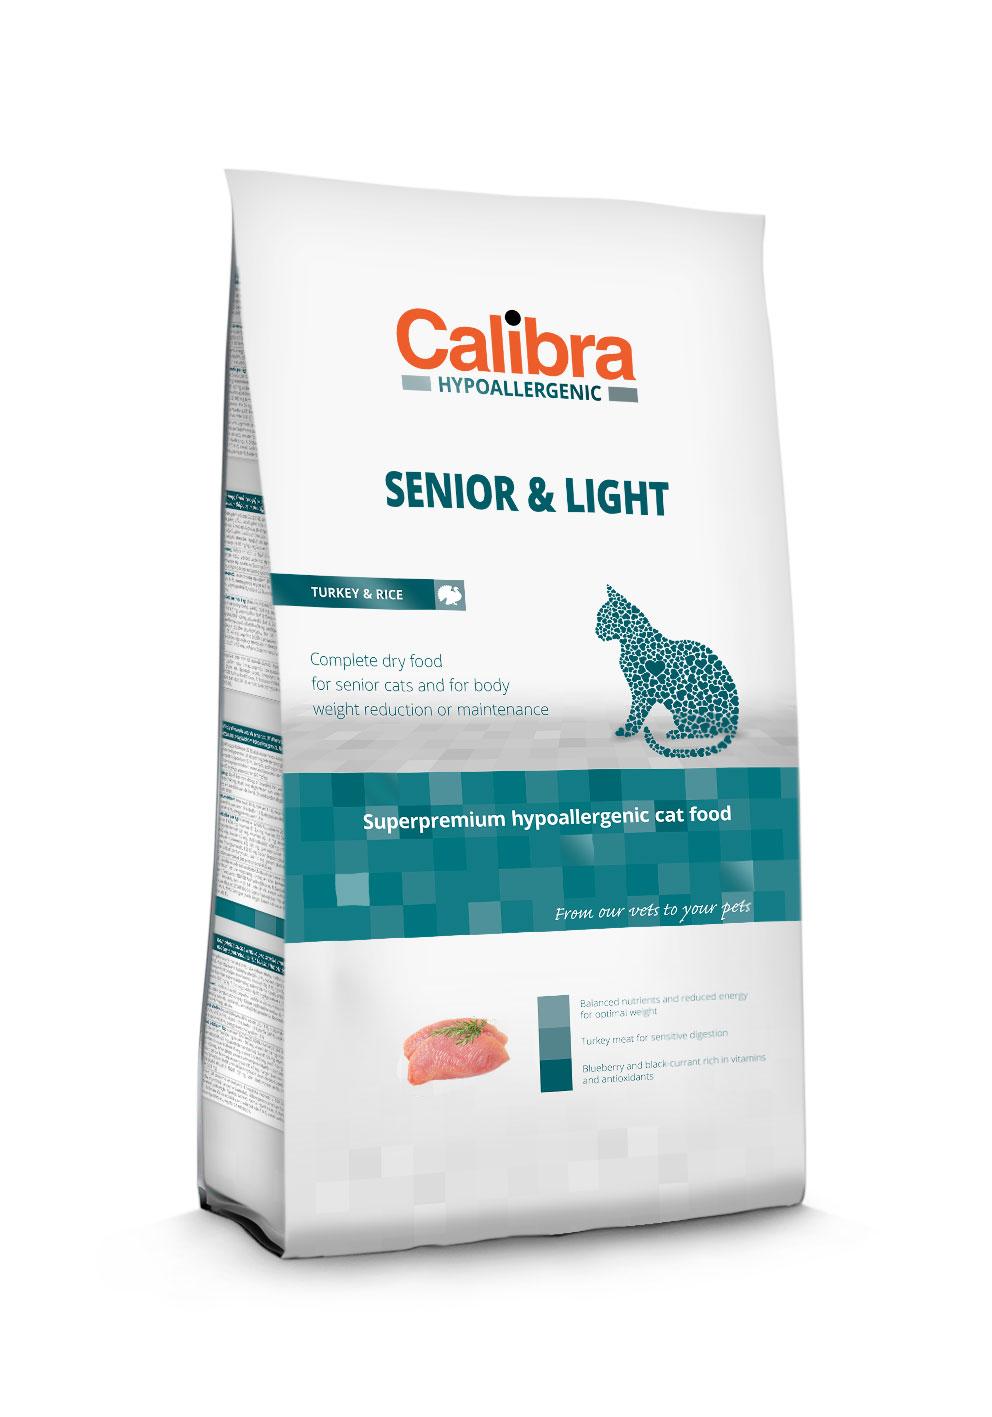 Calibra Cat Hypoallergenic Senior & Light / Turkey & Rice 2 Kg